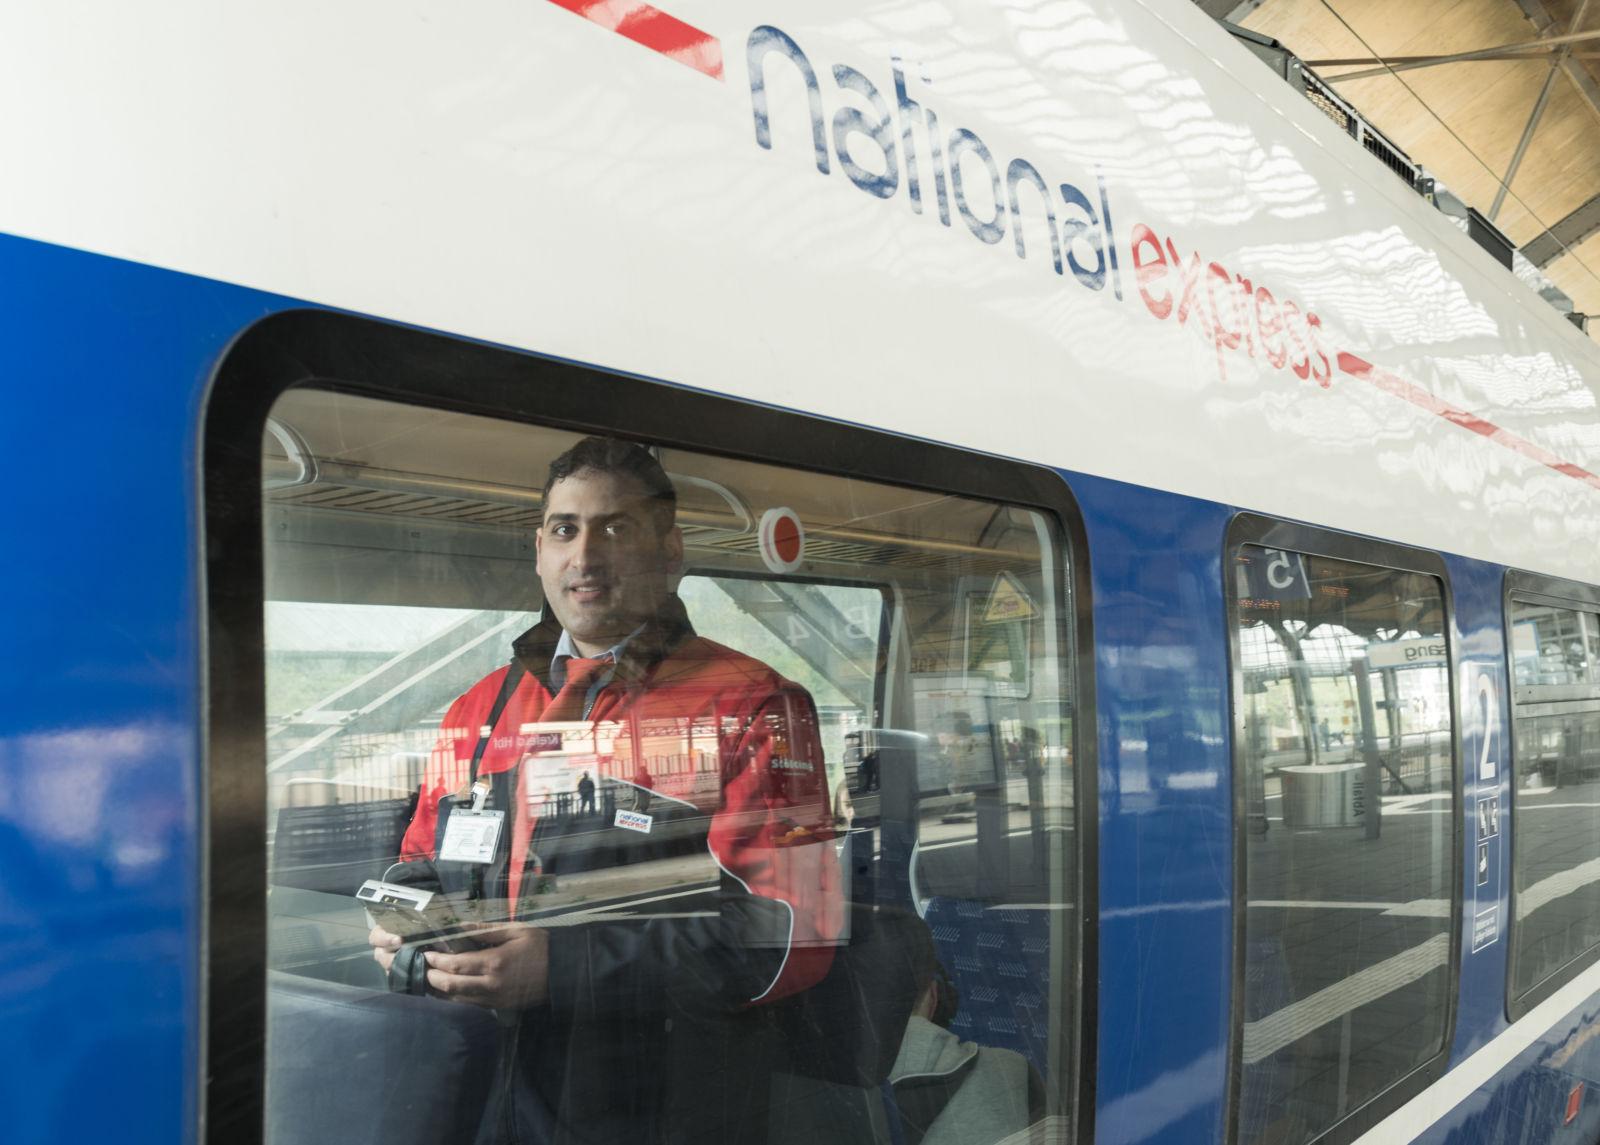 Eisenbahner mit Herz 2017 Sadik Tubay, National Express